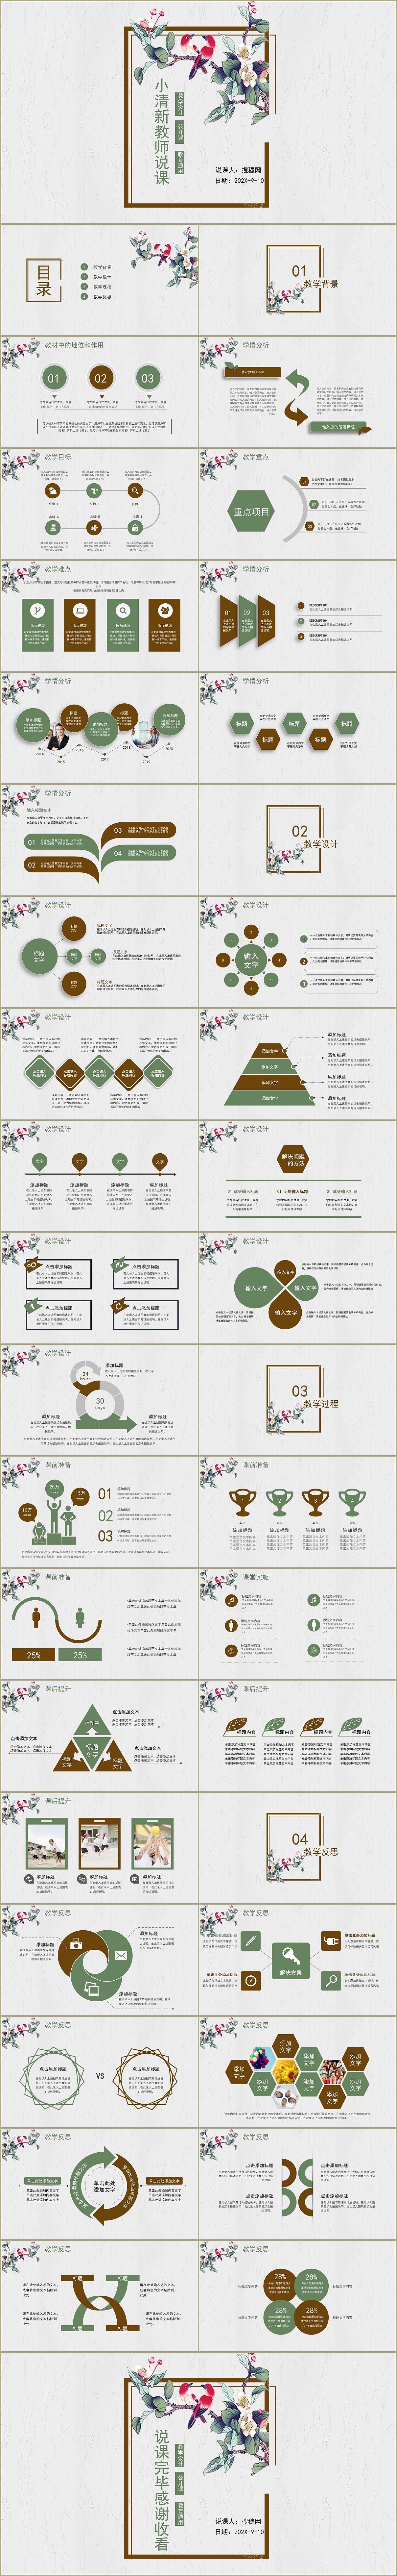 韩范清新落实小典雅模板风格说课教学设计集体ppt课件如何复古要点备课中的教师图片